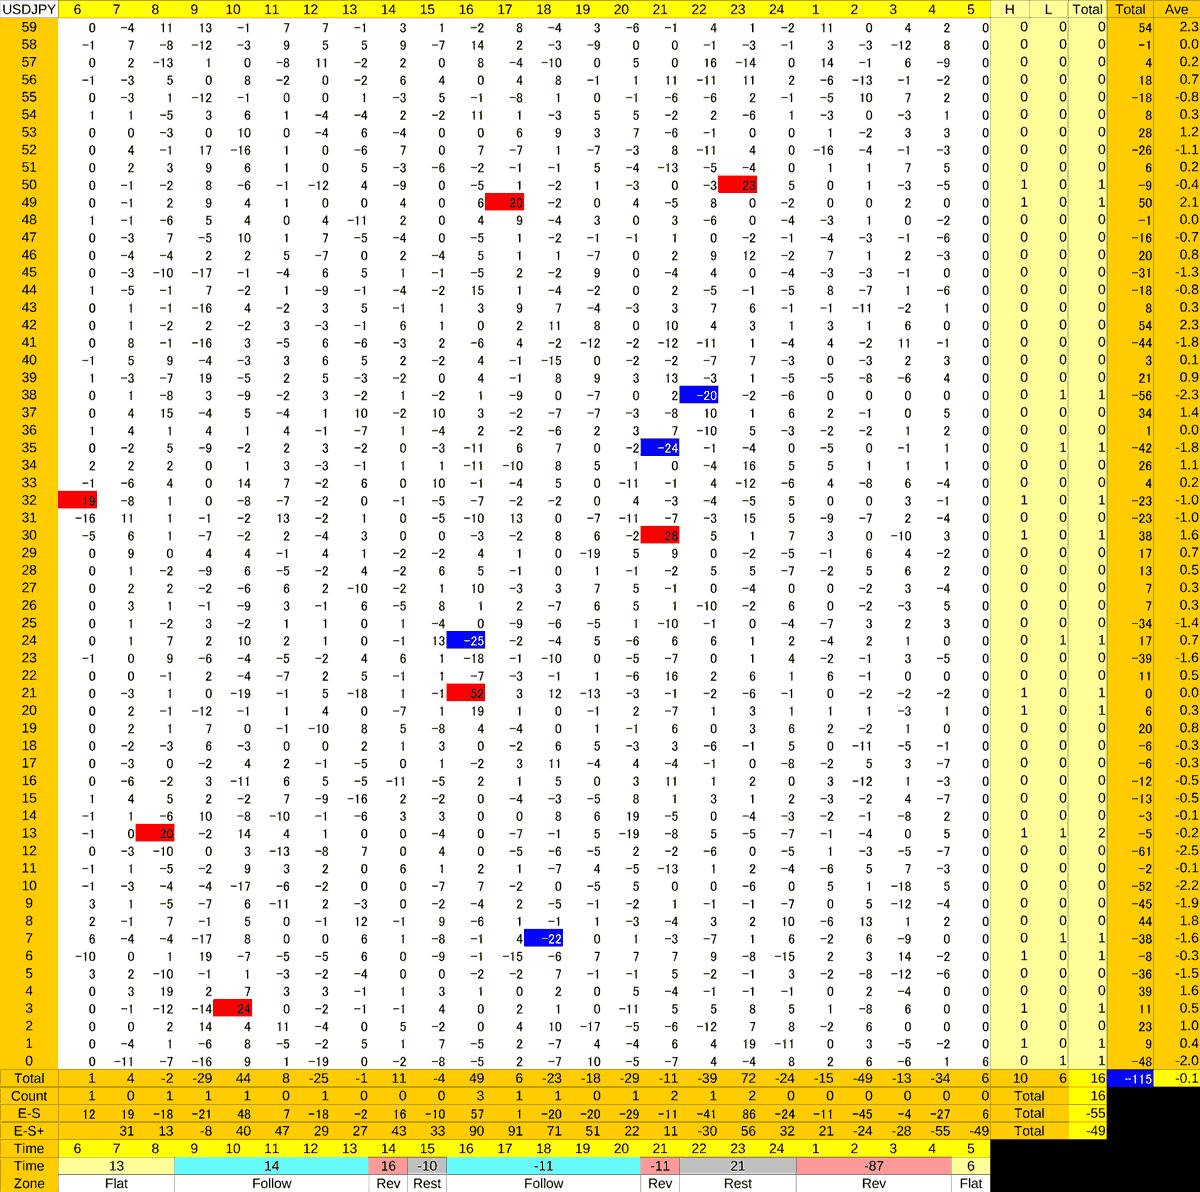 20200911_HS(1)USDJPY